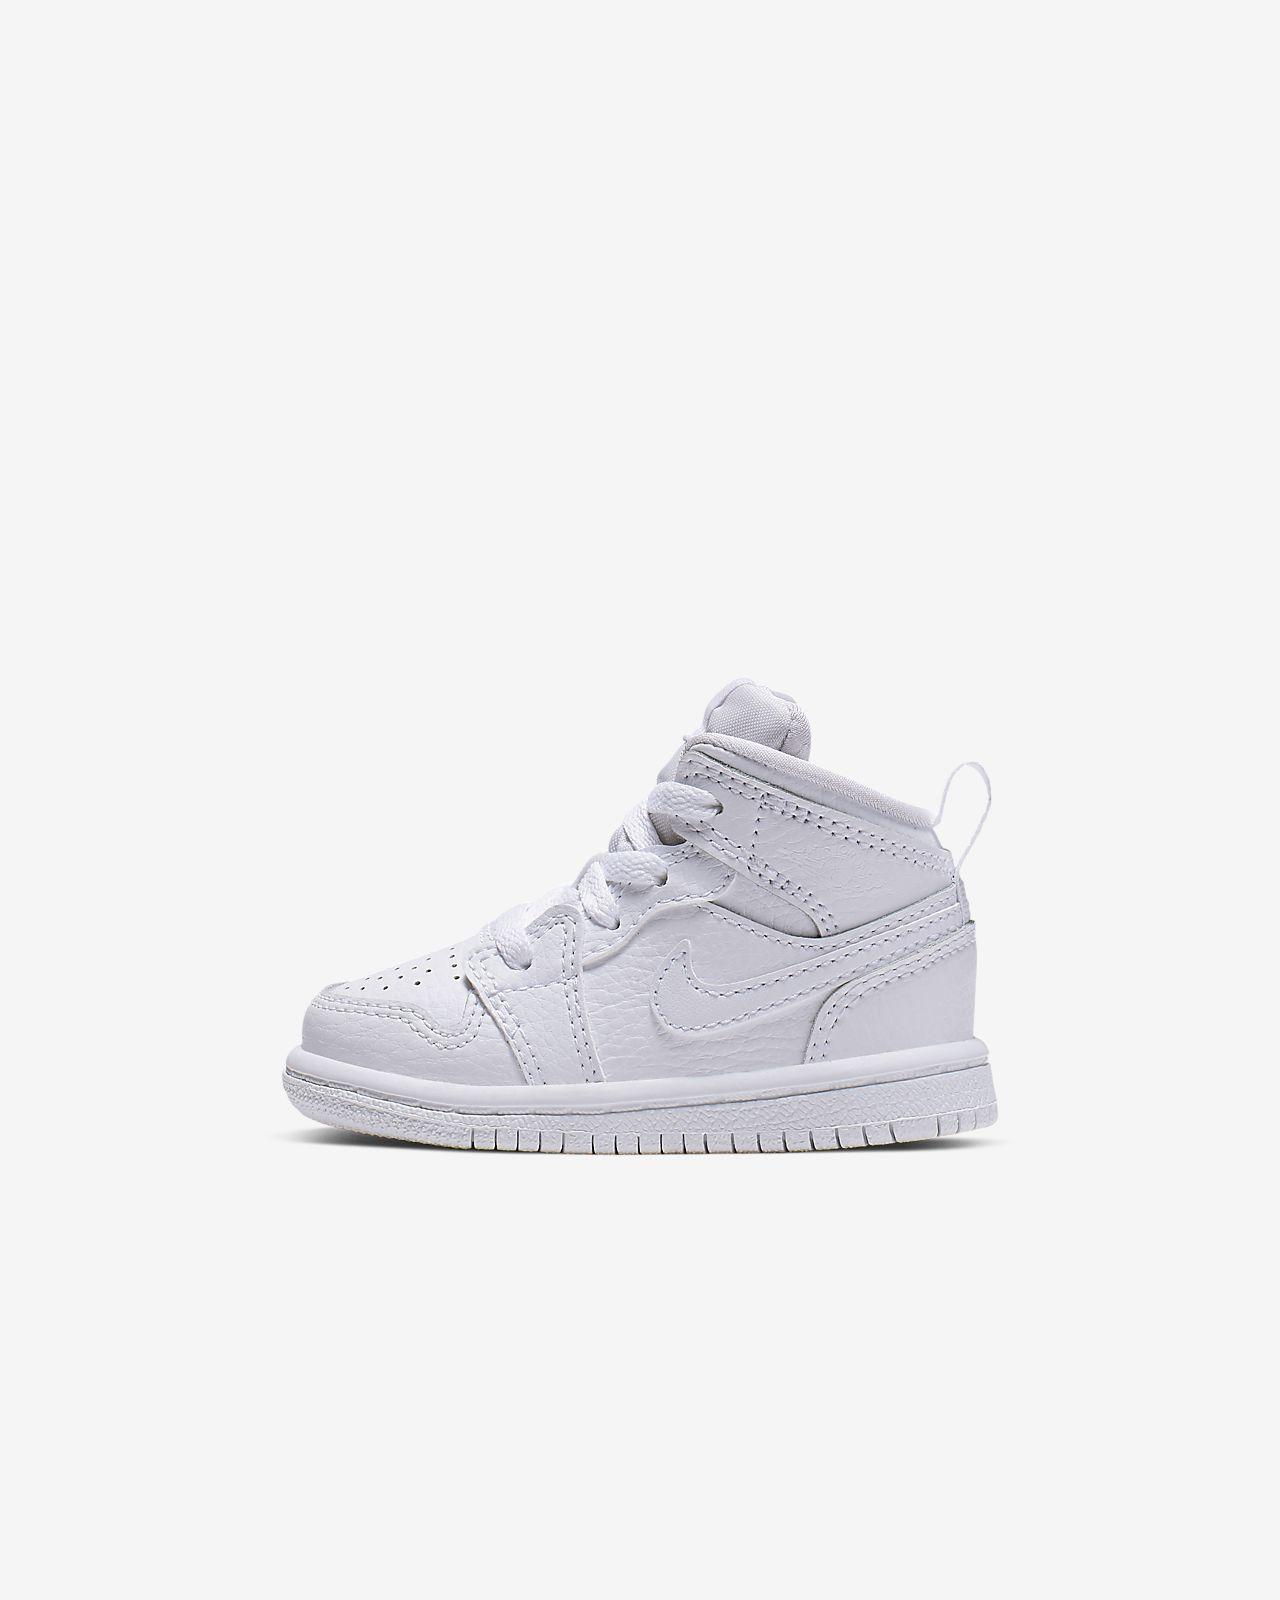 énorme réduction 694d0 9bdf9 Chaussure Air Jordan 1 Mid pour Bébé/Petit enfant